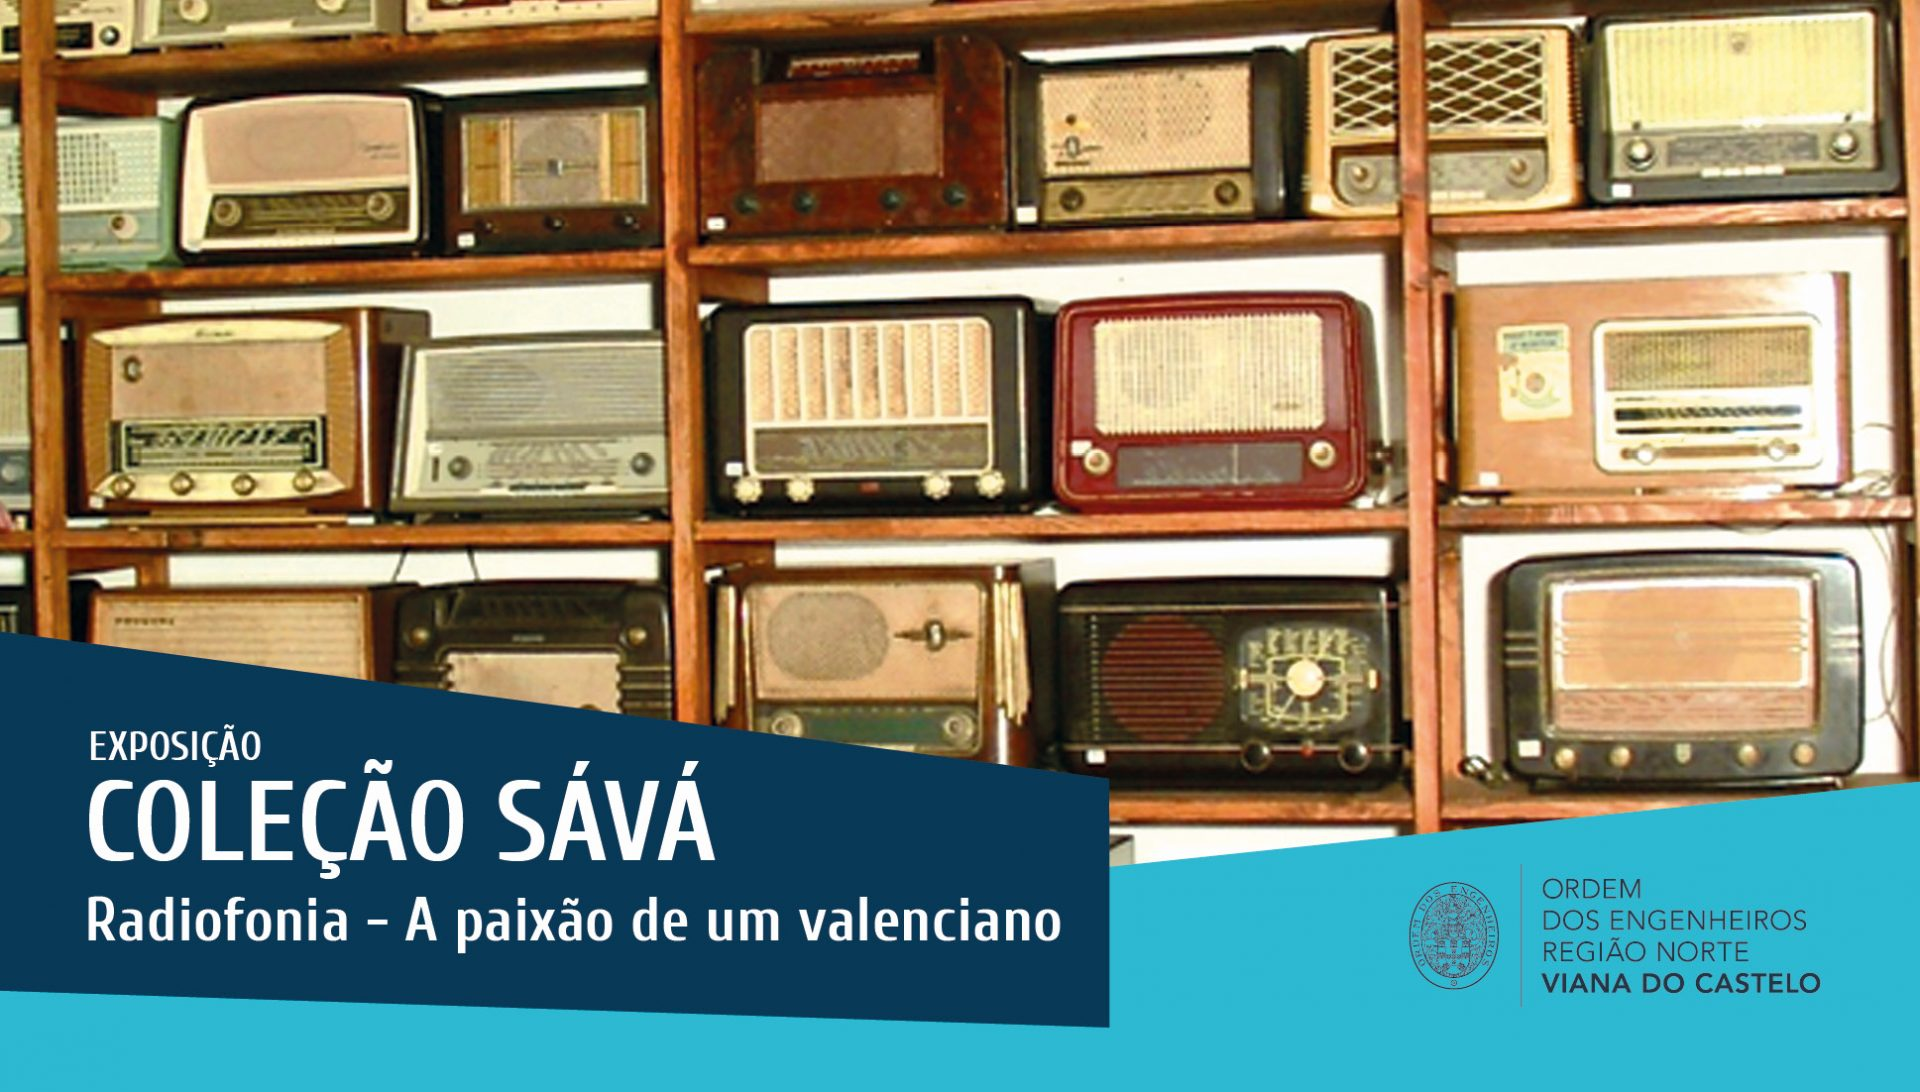 Plataforma Notícias Ordem Engenheiros Região Norte - Exposição patente na Delegação de Viana do Castelo